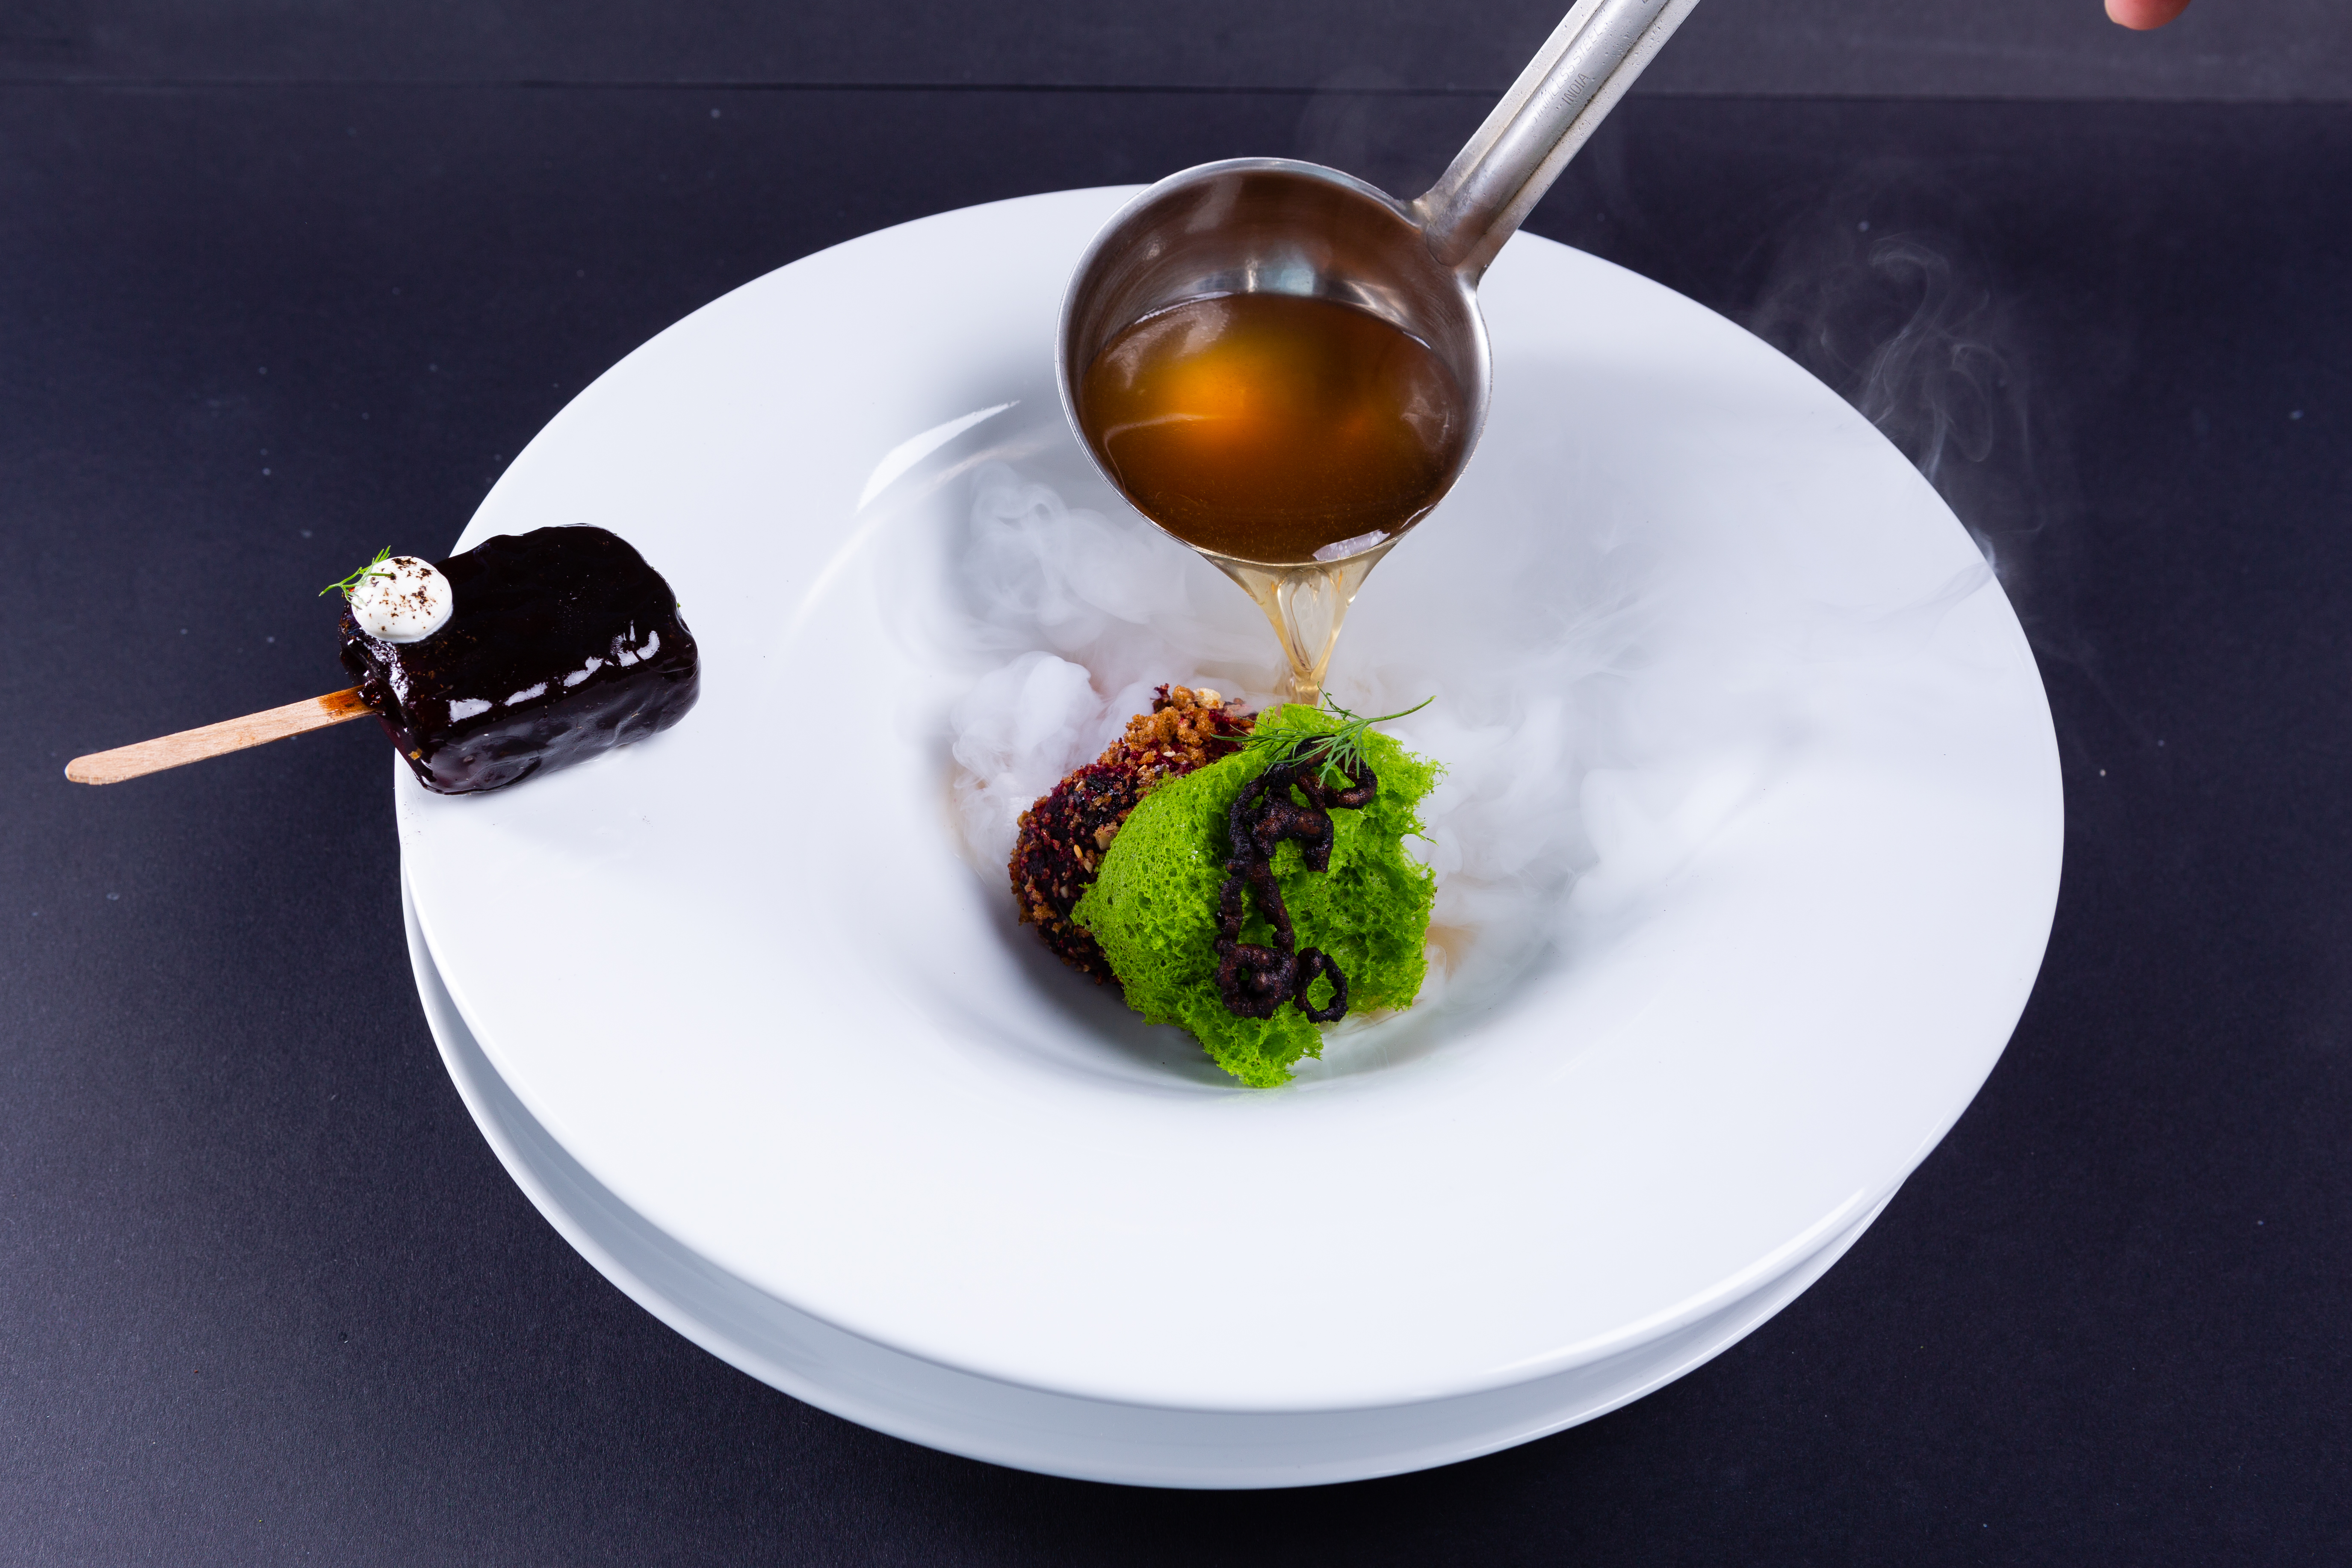 Молекулярная кухня — что это. рецепты и блюда молекулярной кухни